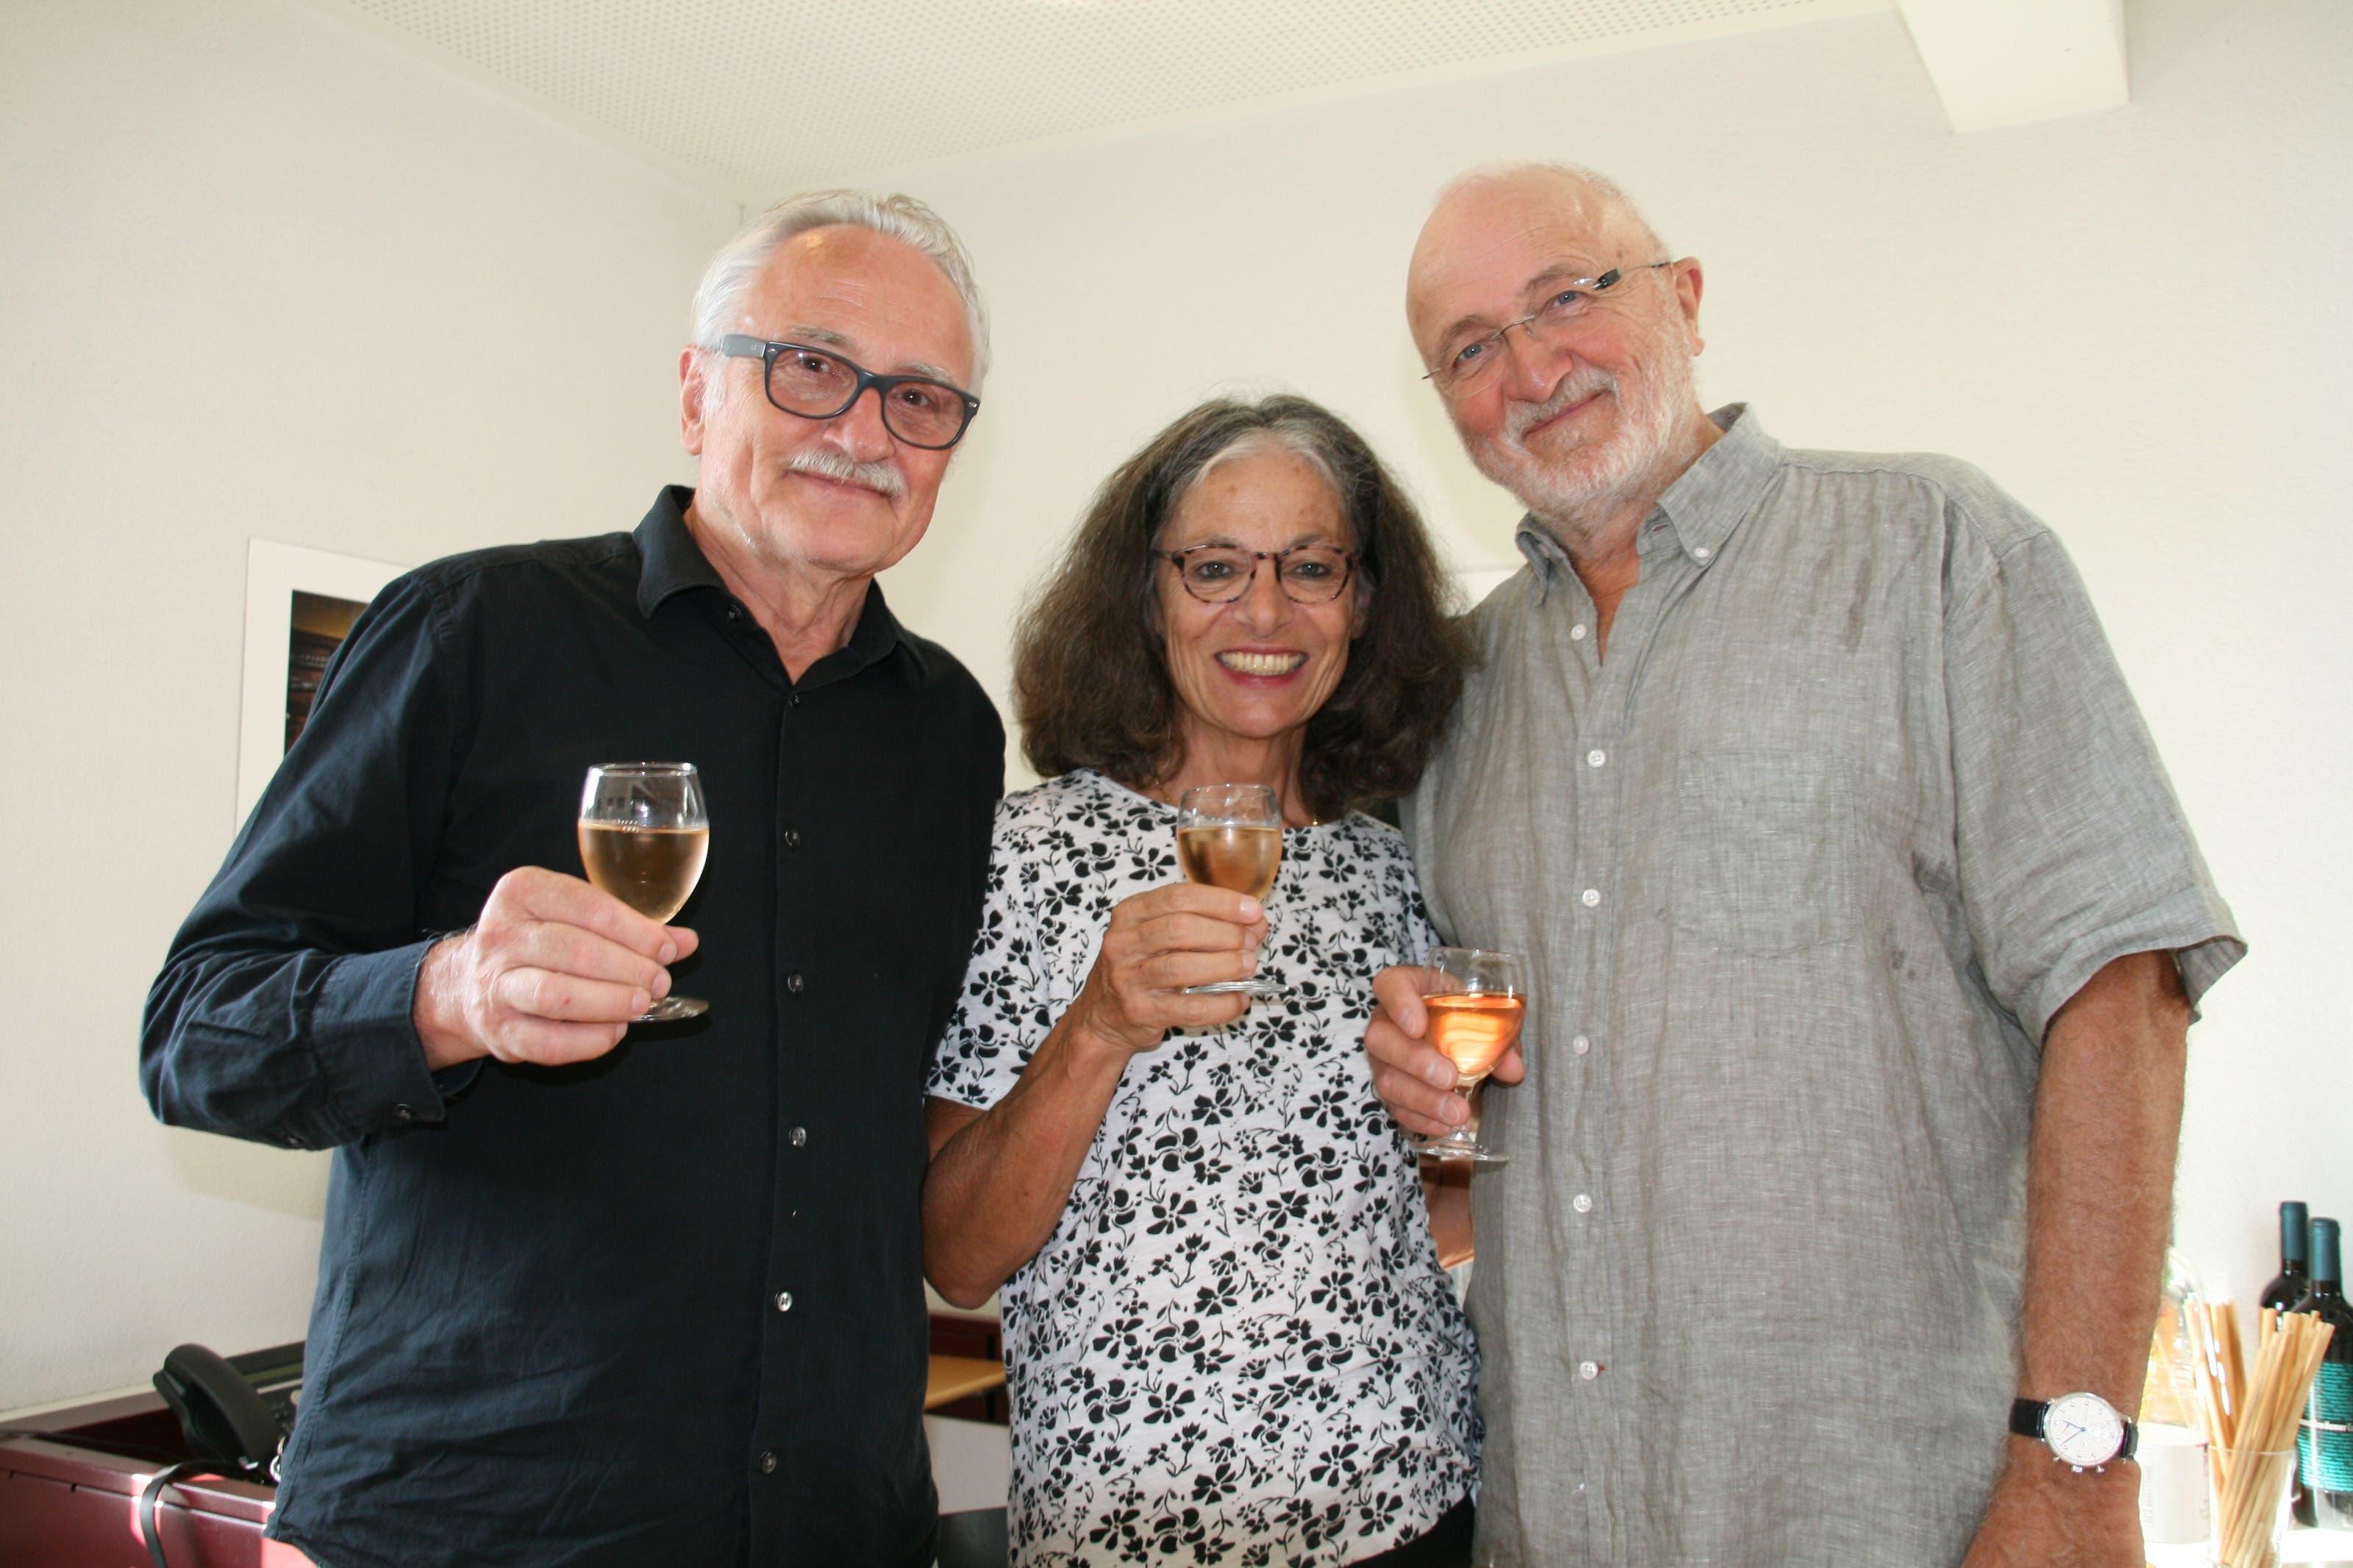 Die Fotoausstellung im Gemeindehaus in Ennetbaden weckt Erinnerungen und Vorfreude